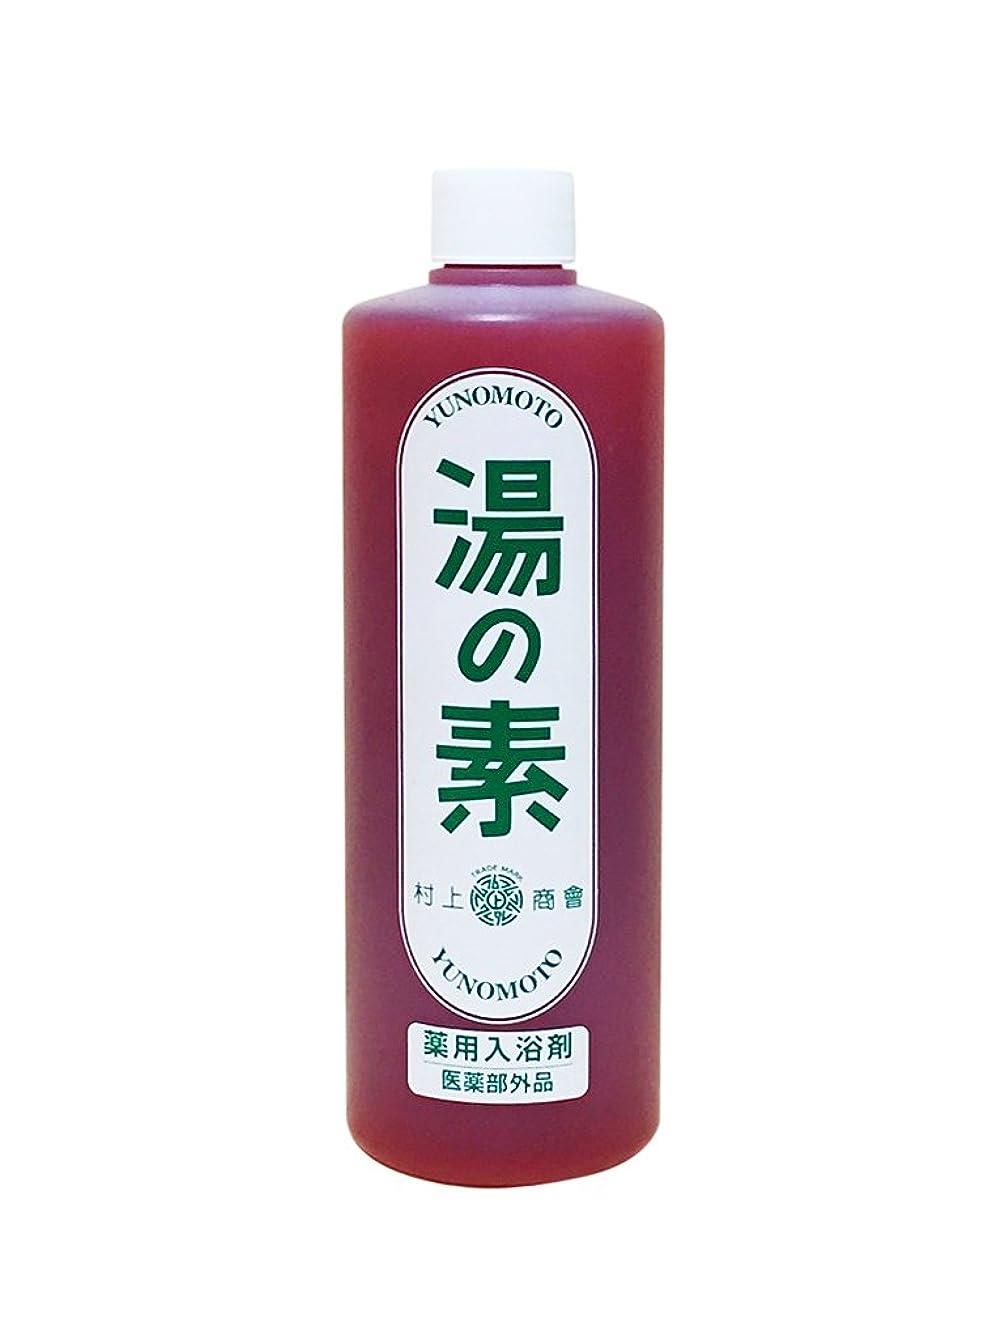 お手入れ机リサイクルする硫黄乳白色湯 湯の素 薬用入浴剤 (医薬部外品) 490g